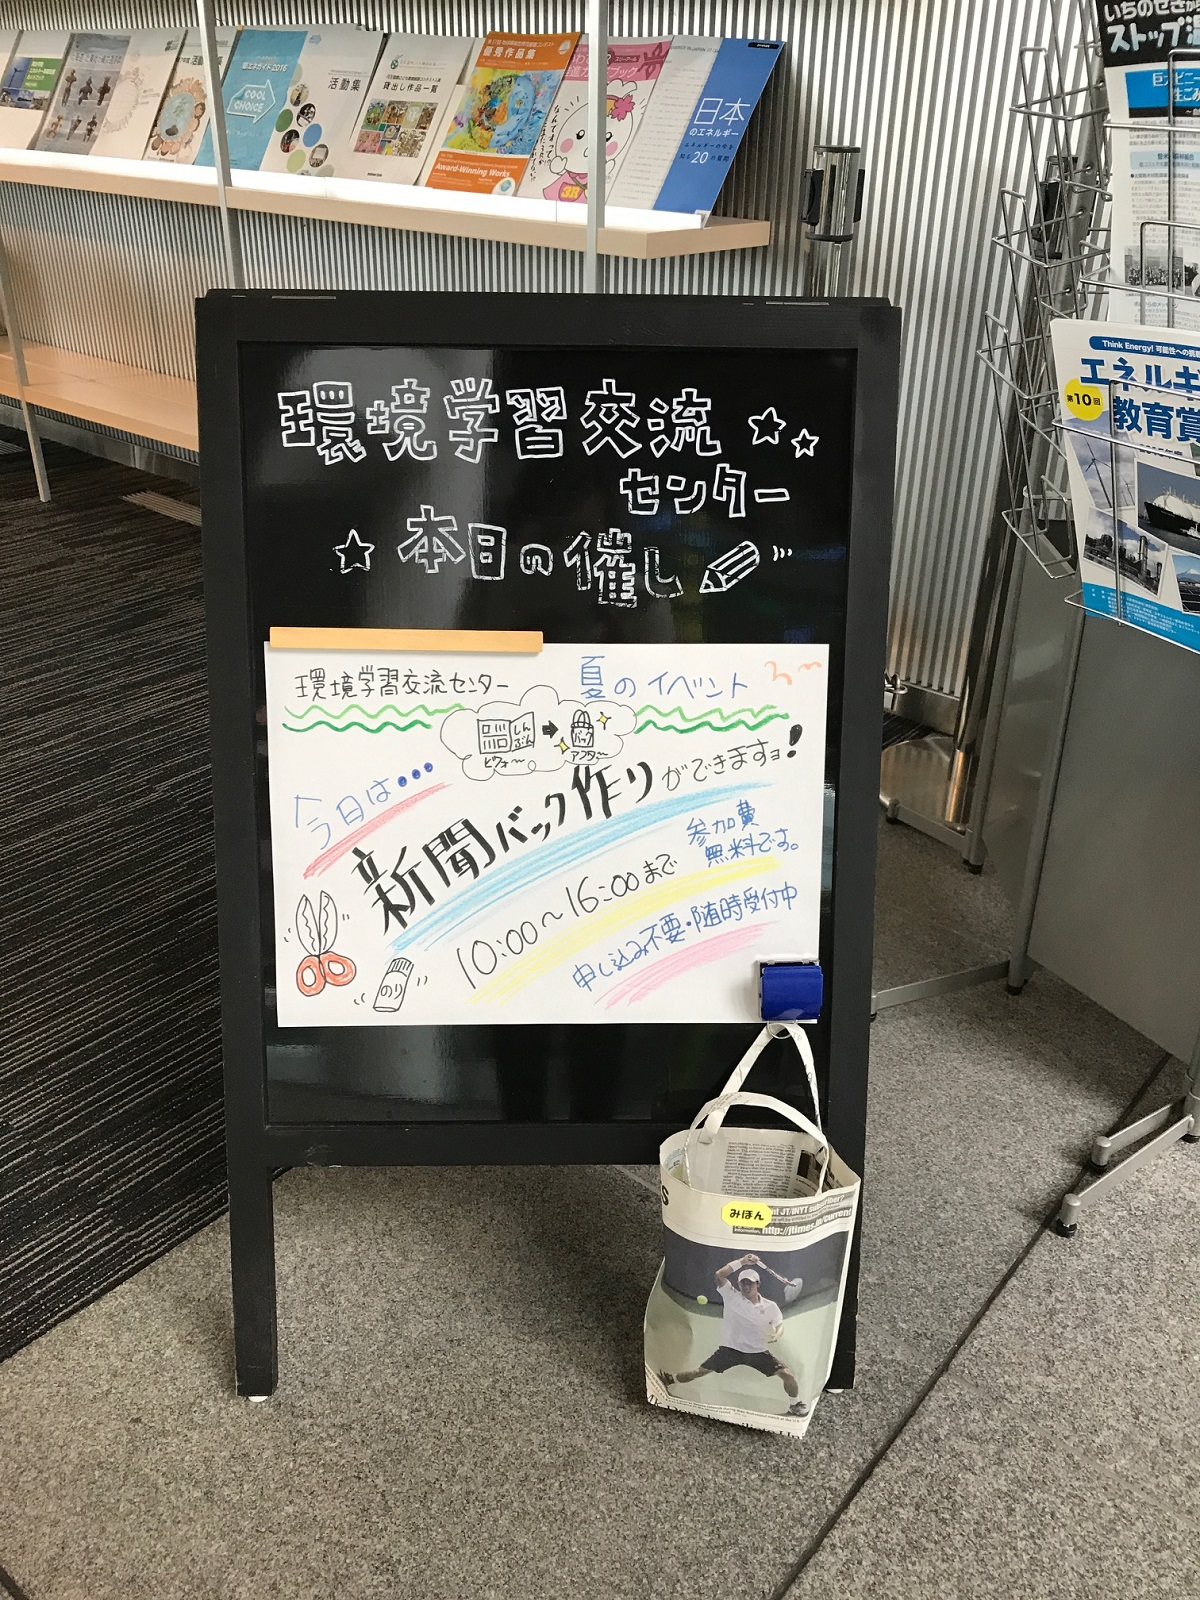 http://blog.iwate-eco.jp/2017/08/12/IMG_1219%20%283%29.jpg